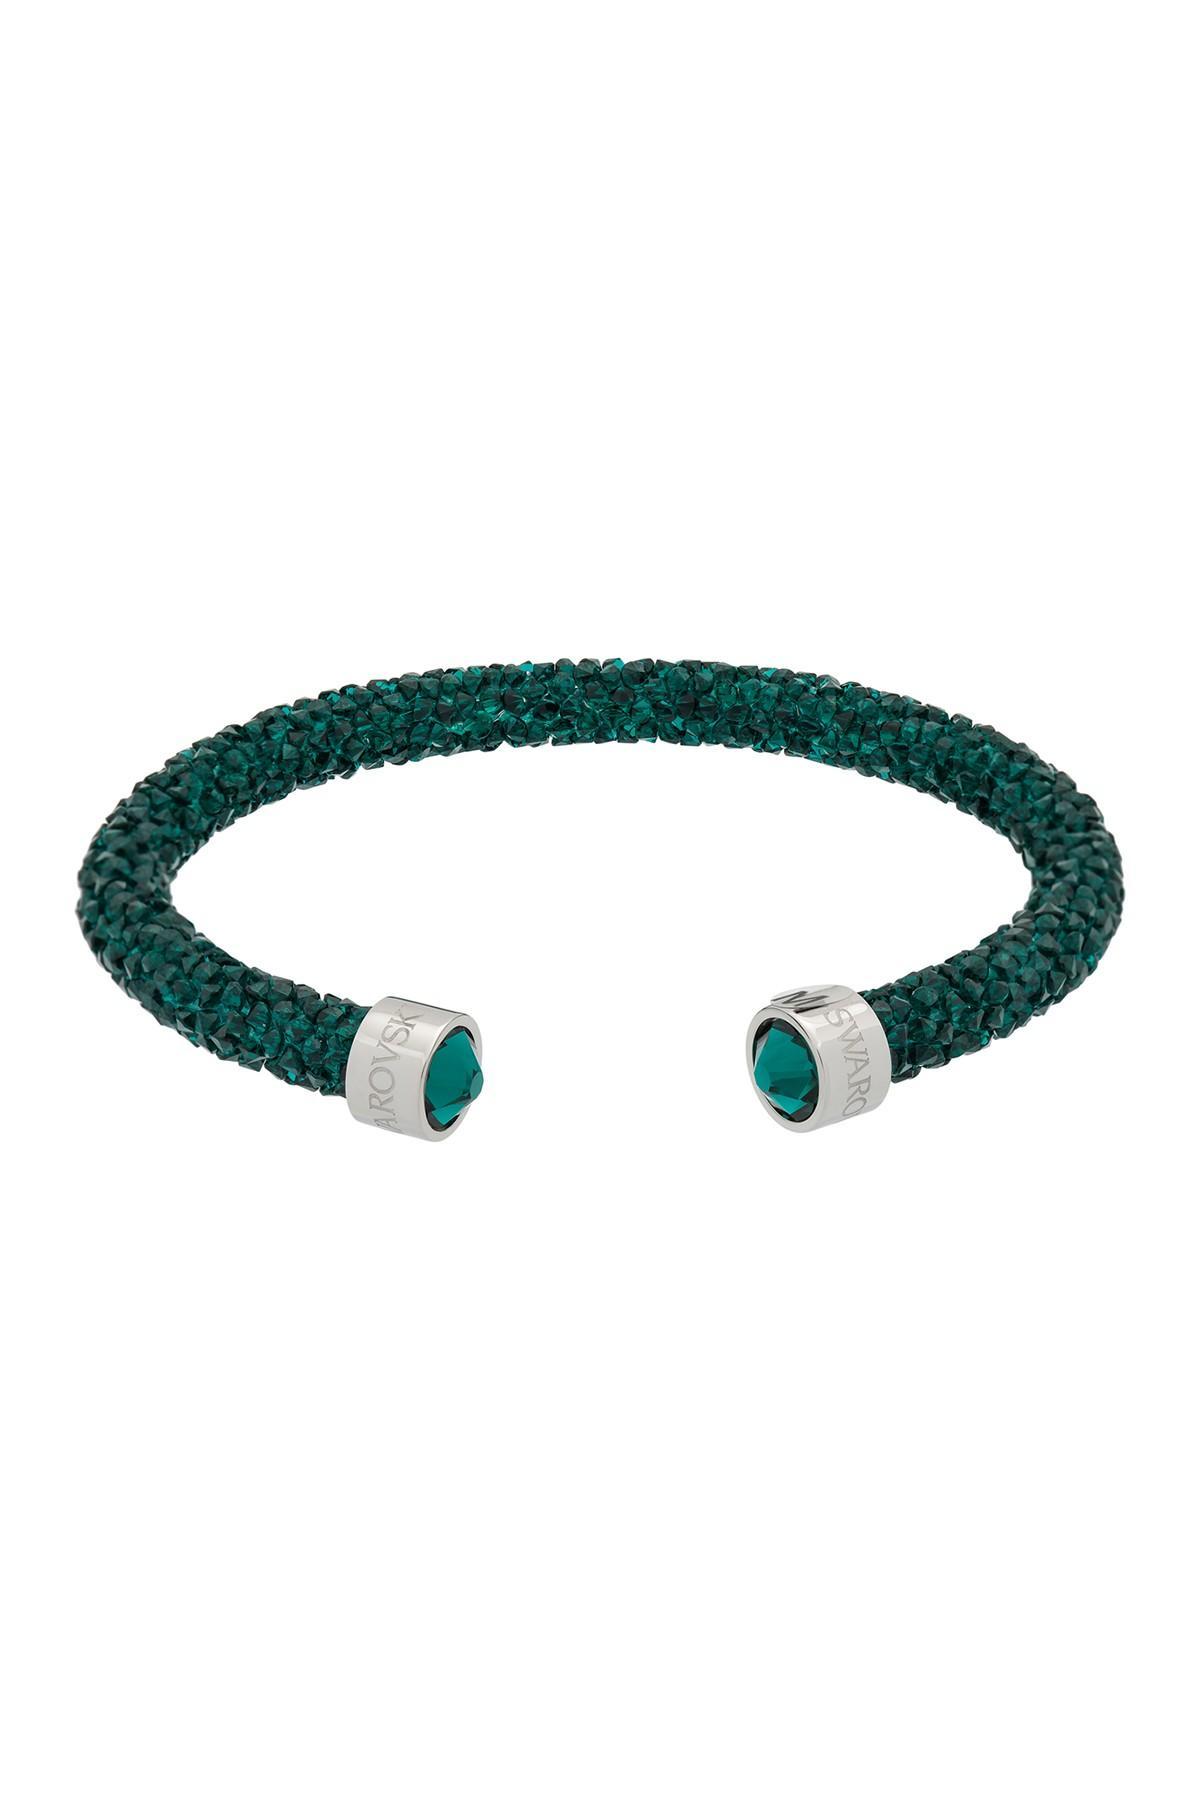 c157b934301 Swarovski. Women's Green Crystaldust Rolled Crystal Rock Encrusted Cuff  Bracelet